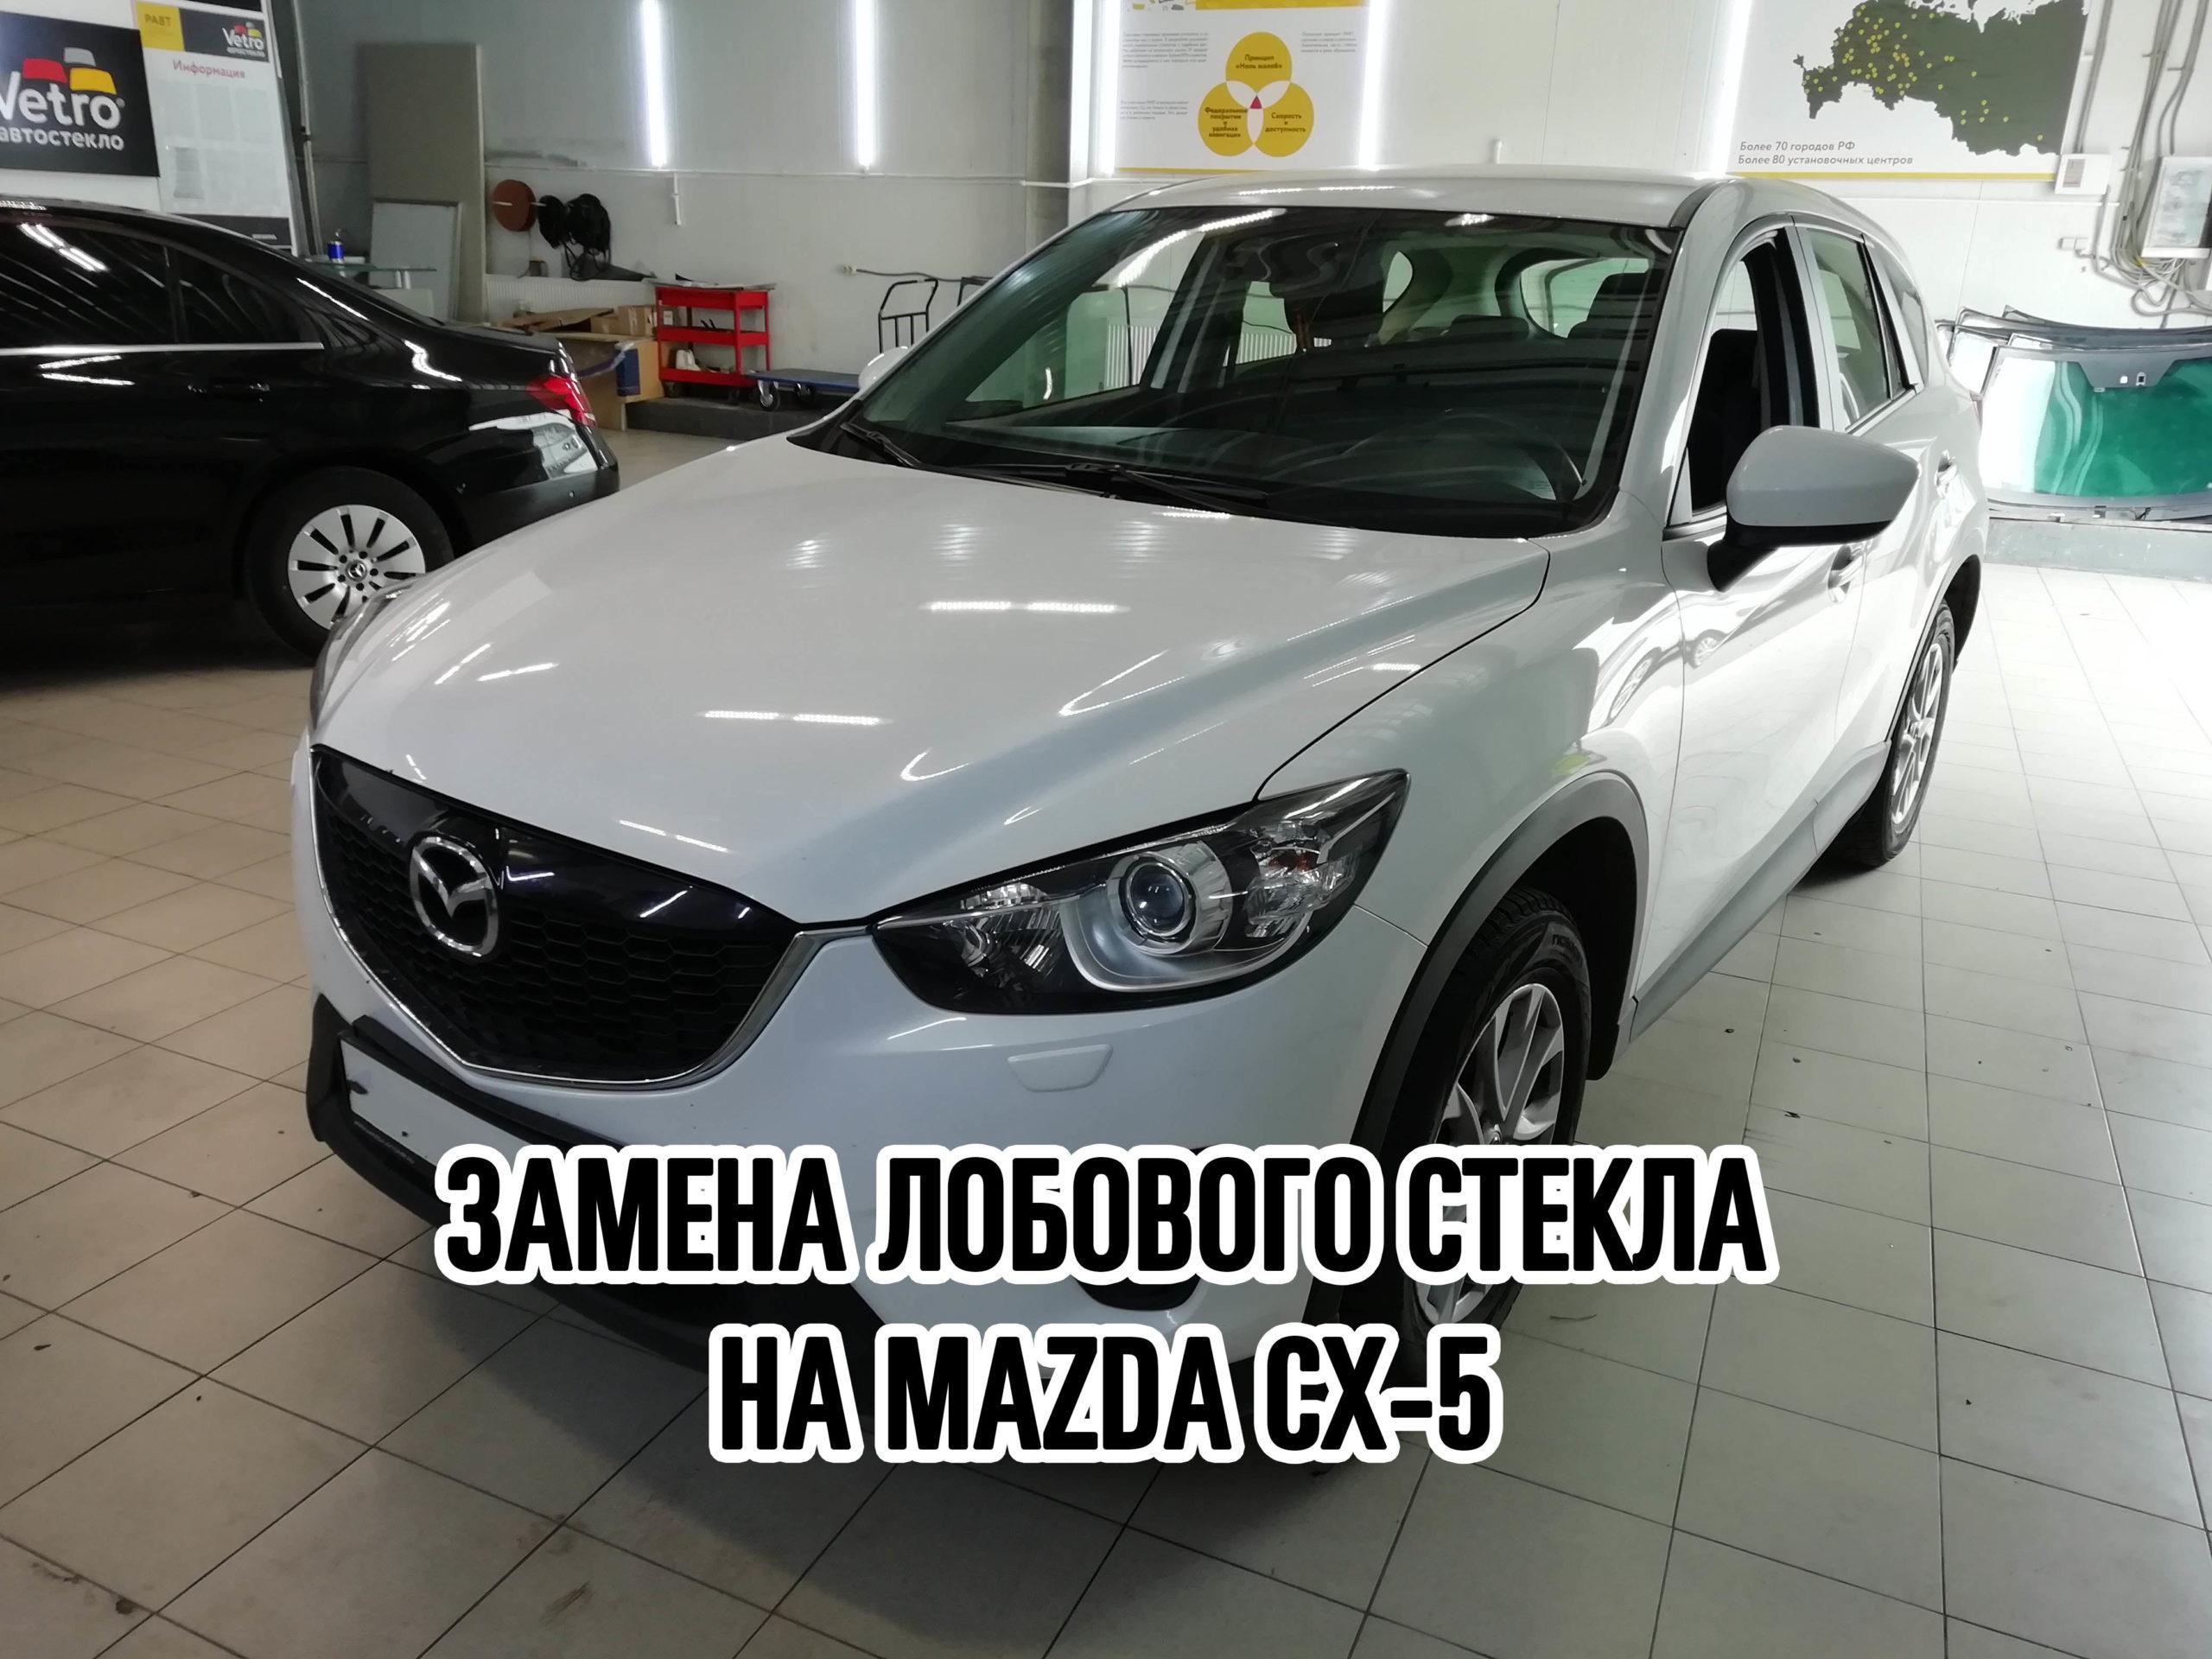 Лобовое стекло на Mazda CX-5 купить и установить в Москве